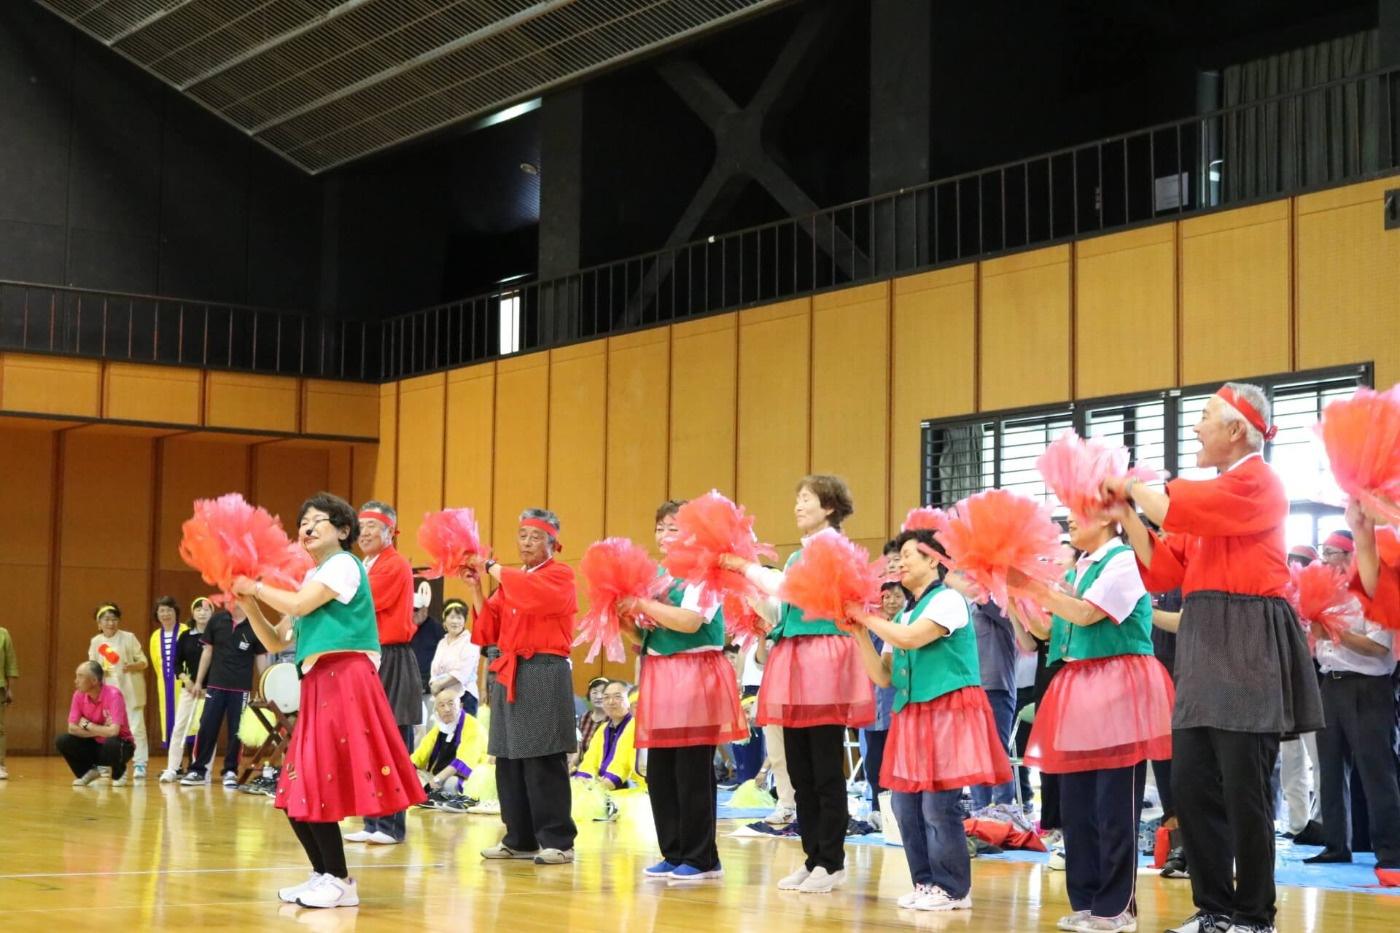 川西町健康レクリエーション大会:「東京ブギウギ」の曲に合わせて踊る応援のみなさん